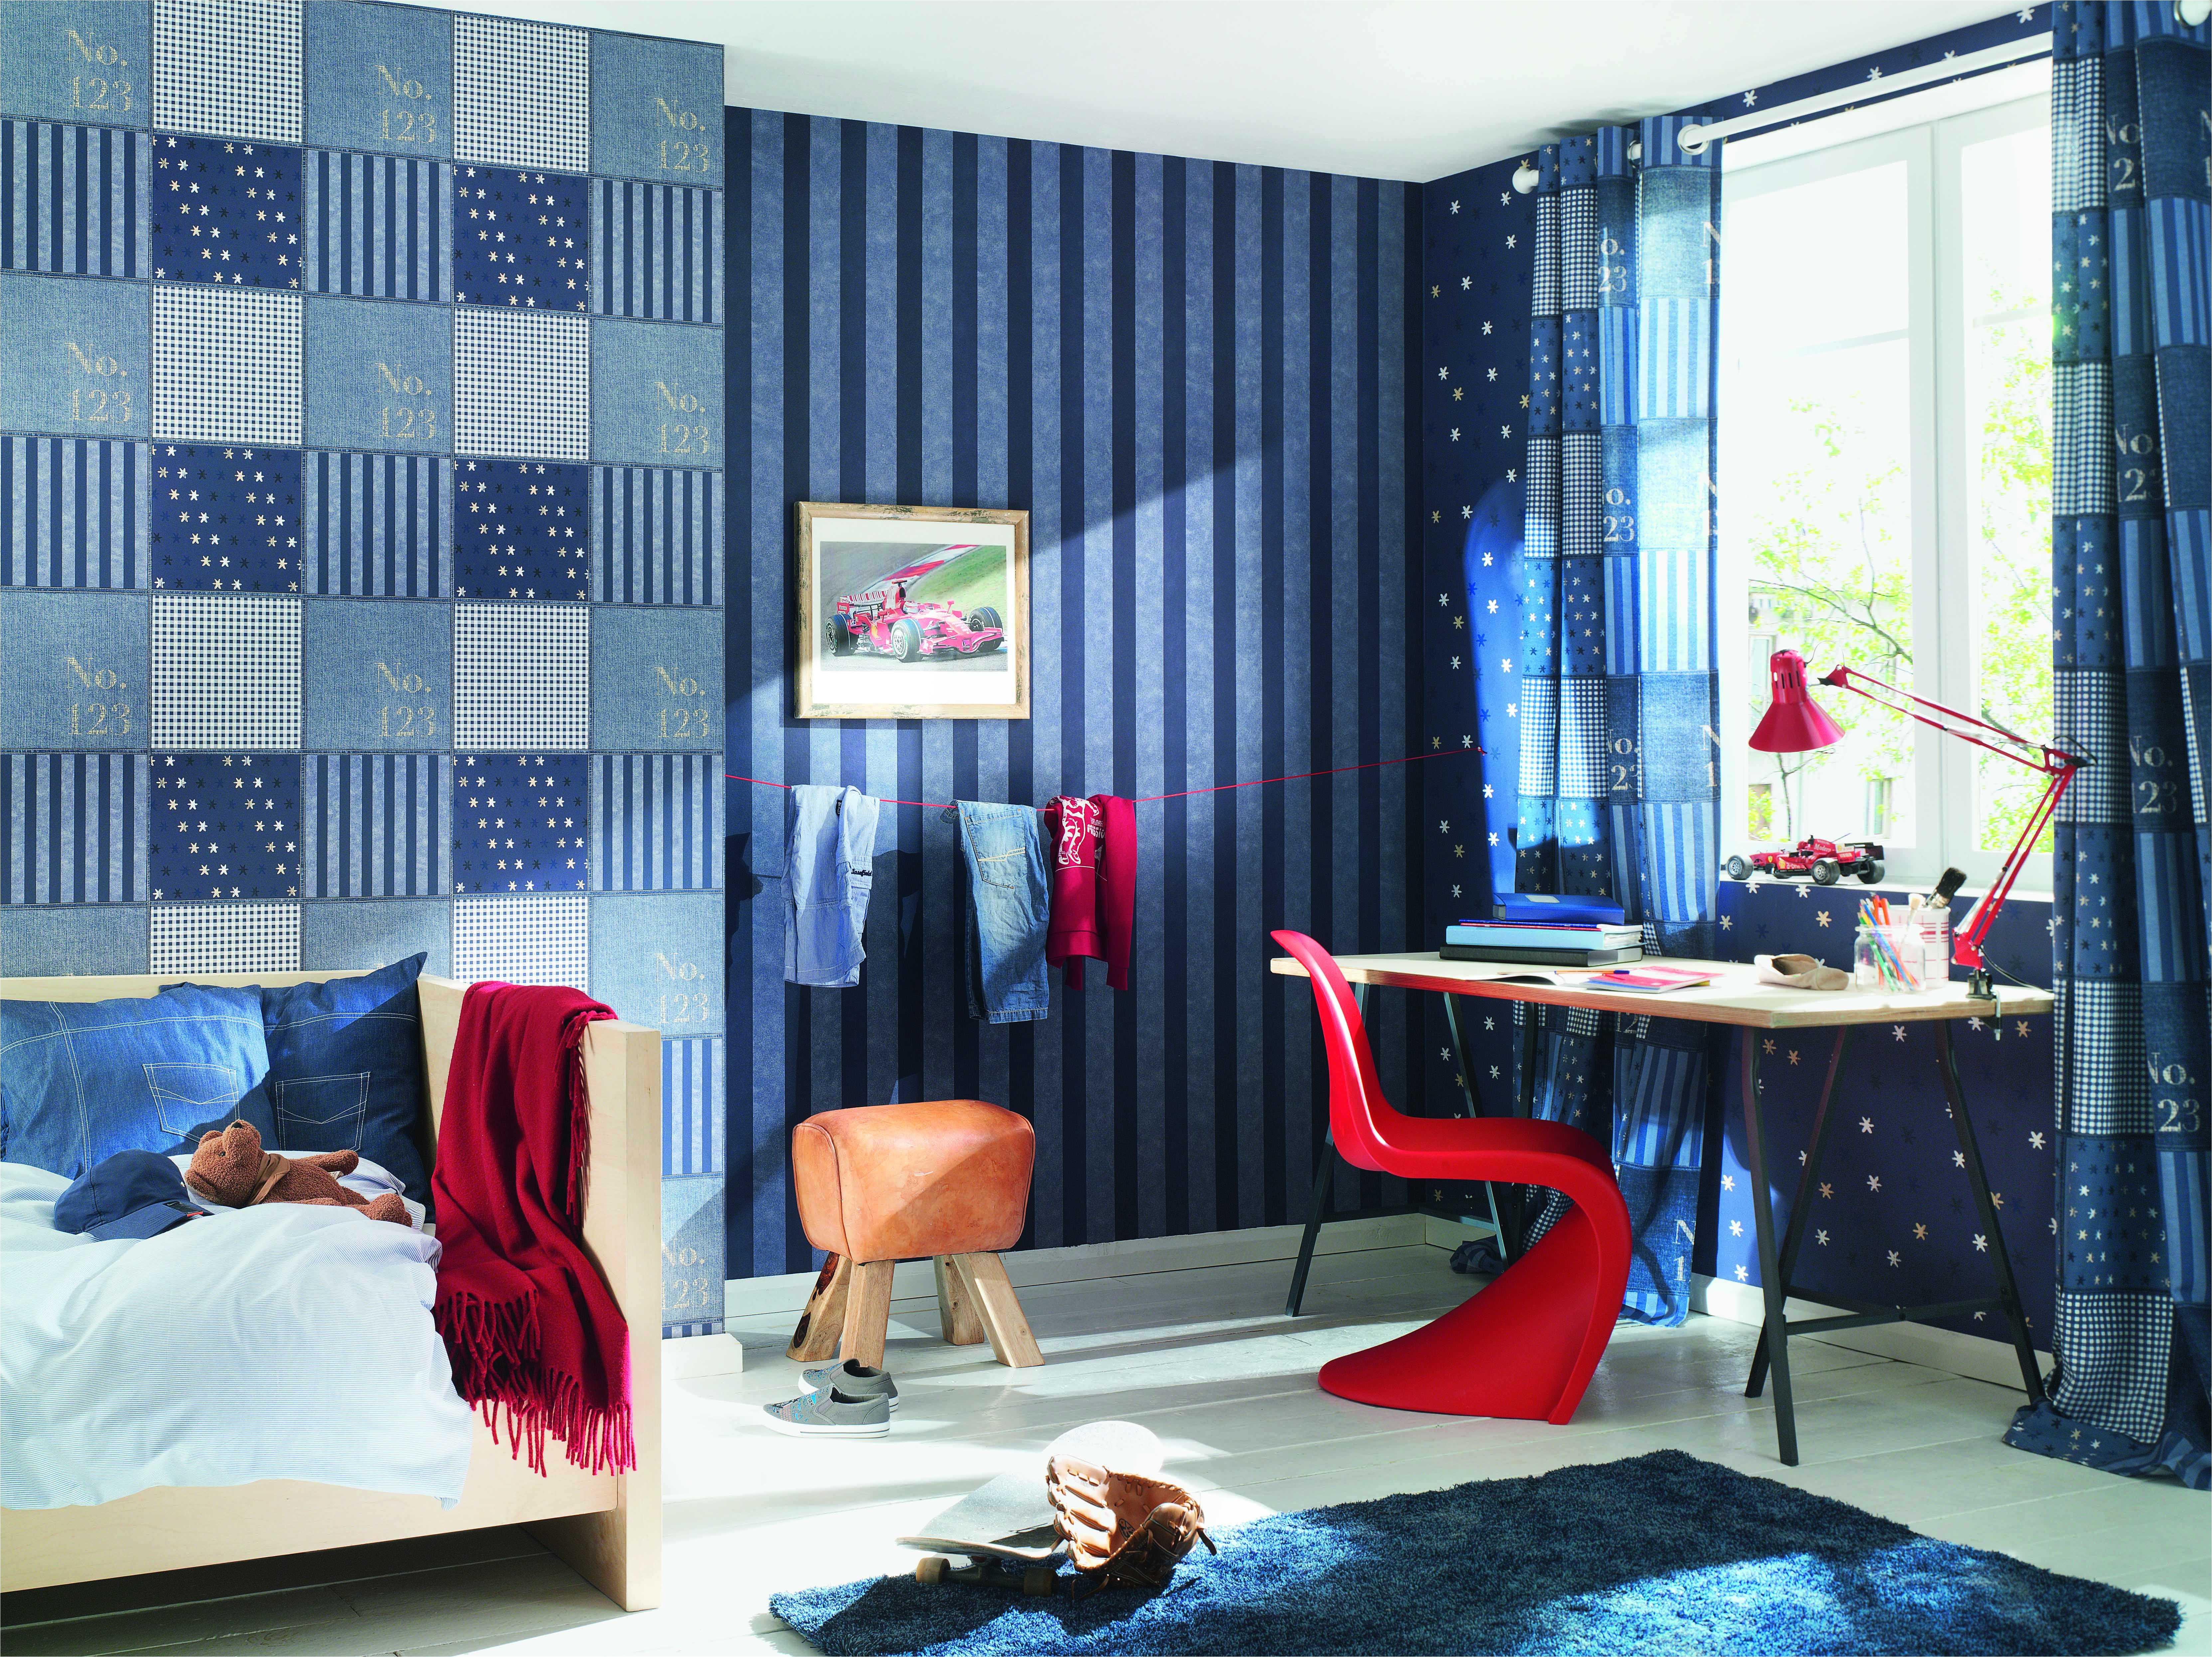 qua color de paredes elegir decoracion modelos pinturas decoracion de paredes de habitaciones